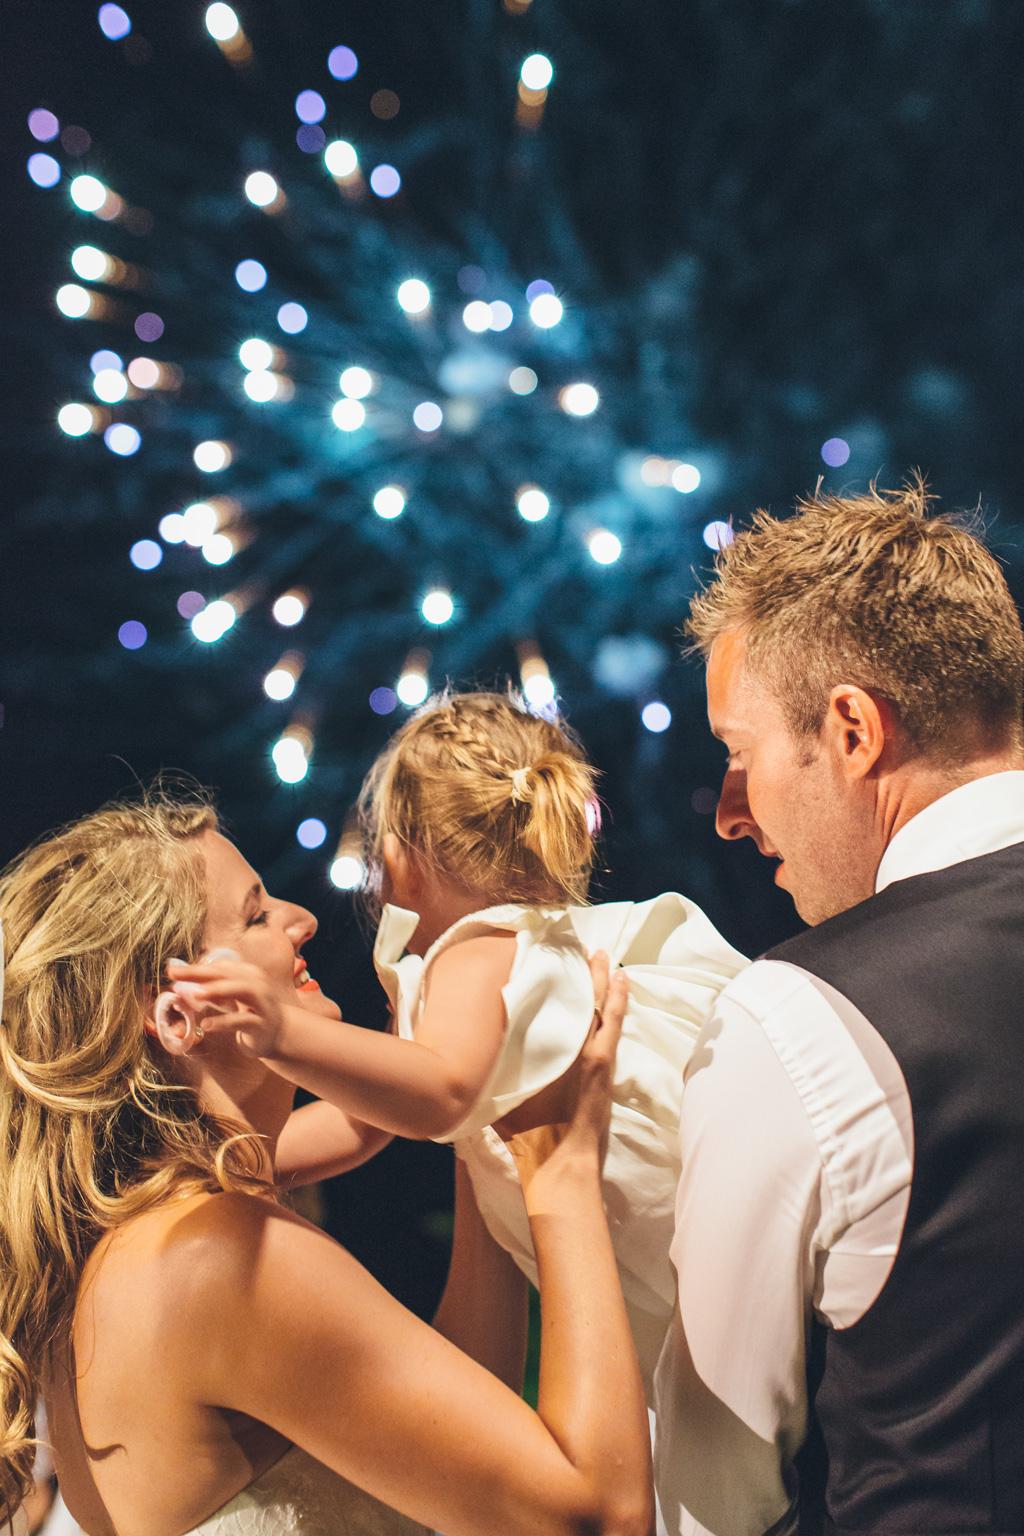 Gli sposi stringono una bambina durante i botti d'artificio in uno scatto di Della Savia